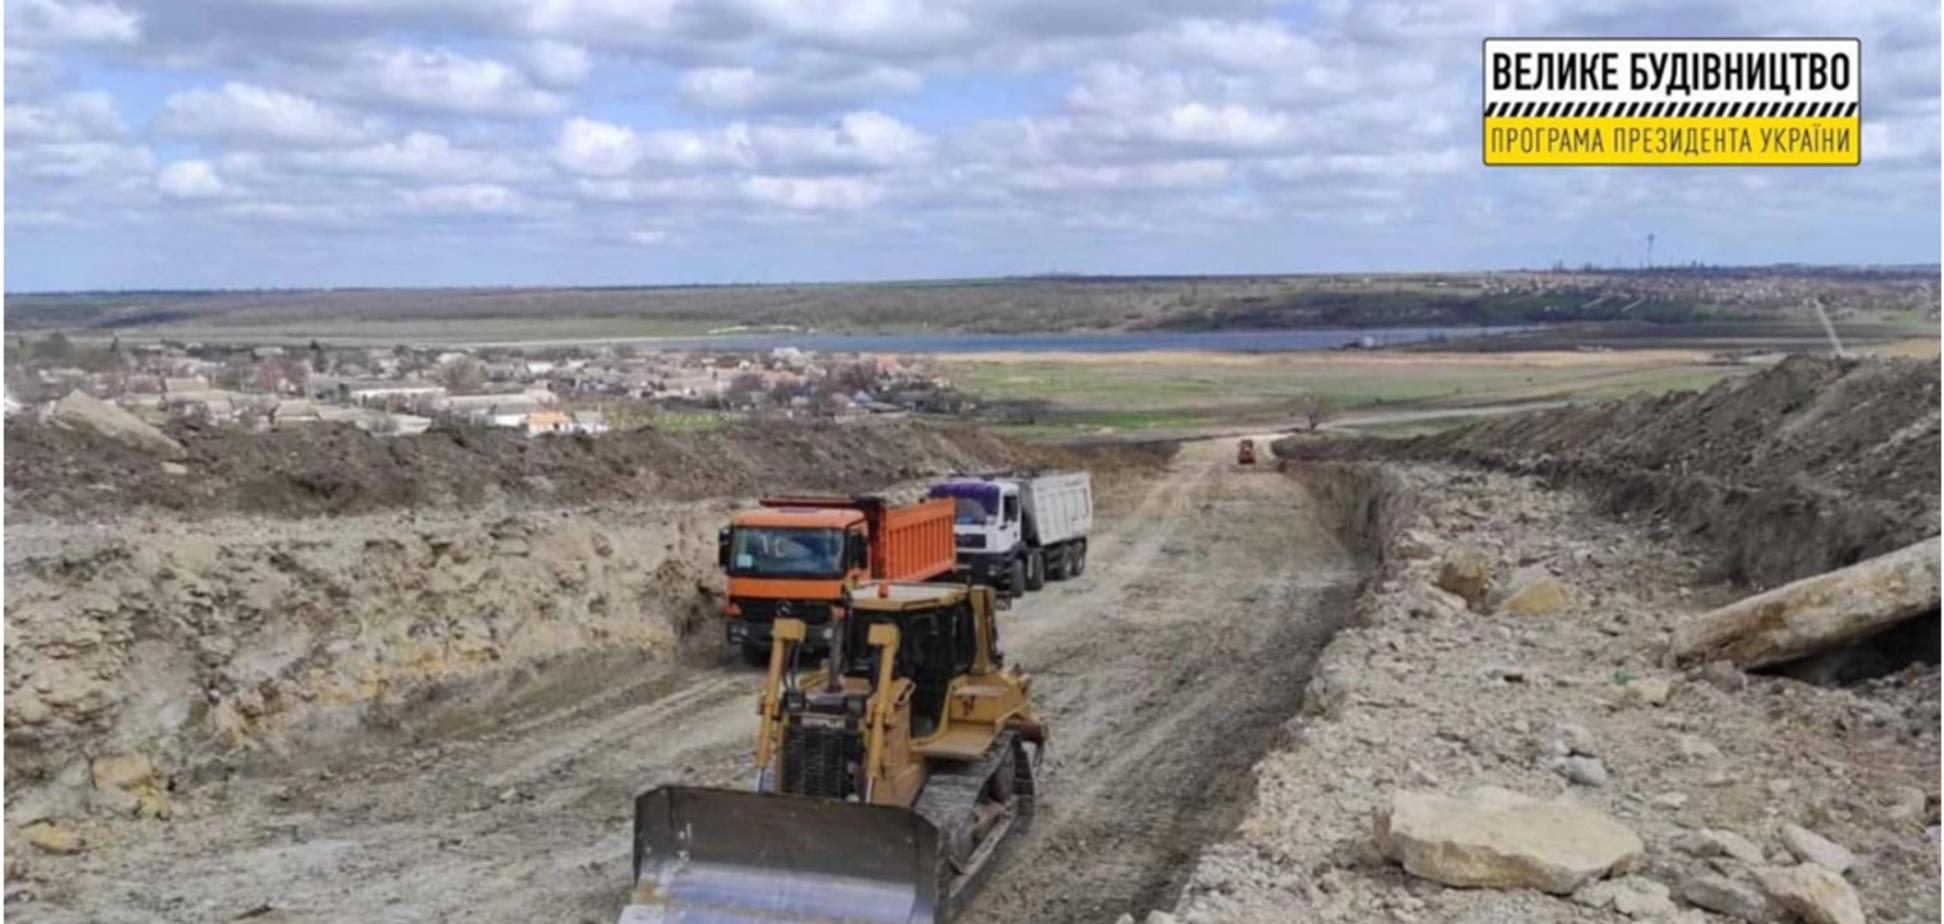 За програмою Зеленського 'Велике будівництво' на Миколаївщині будують новий міст замість старої переправи